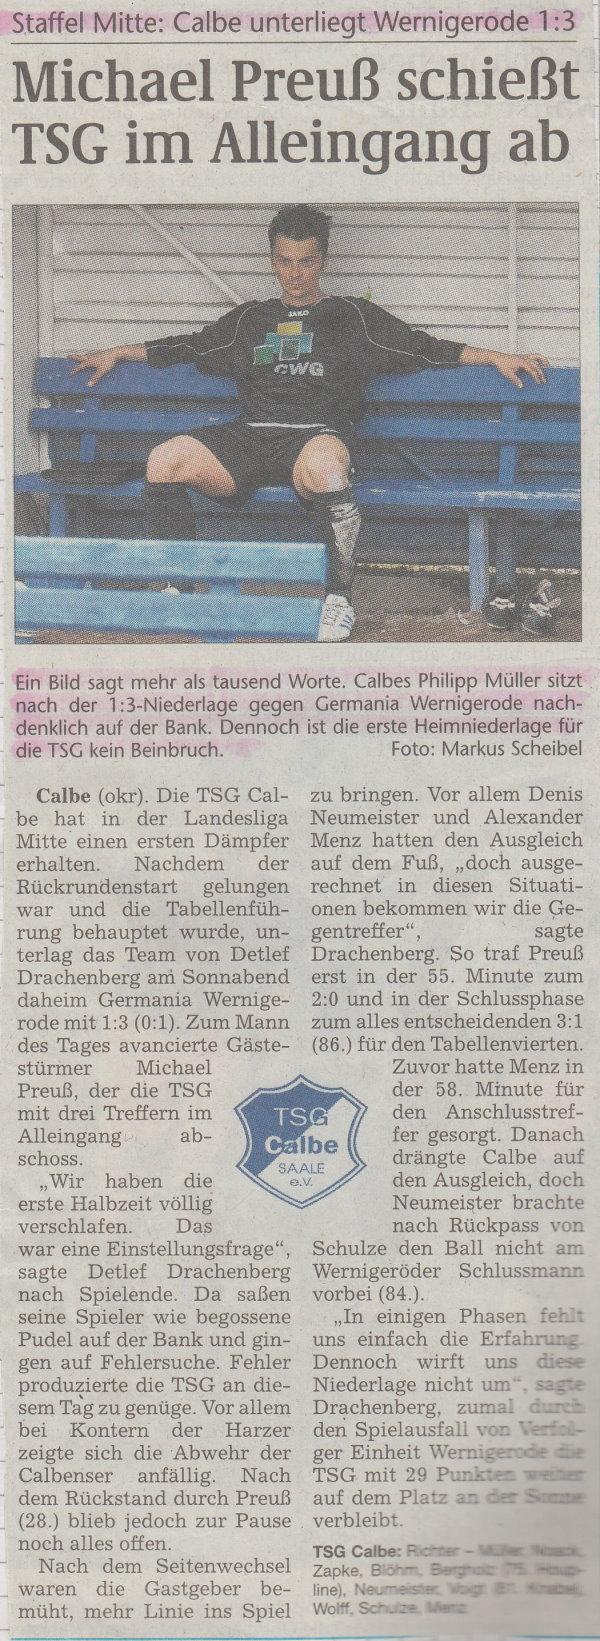 Volksstimme-Bericht zum 15. Spieltag.